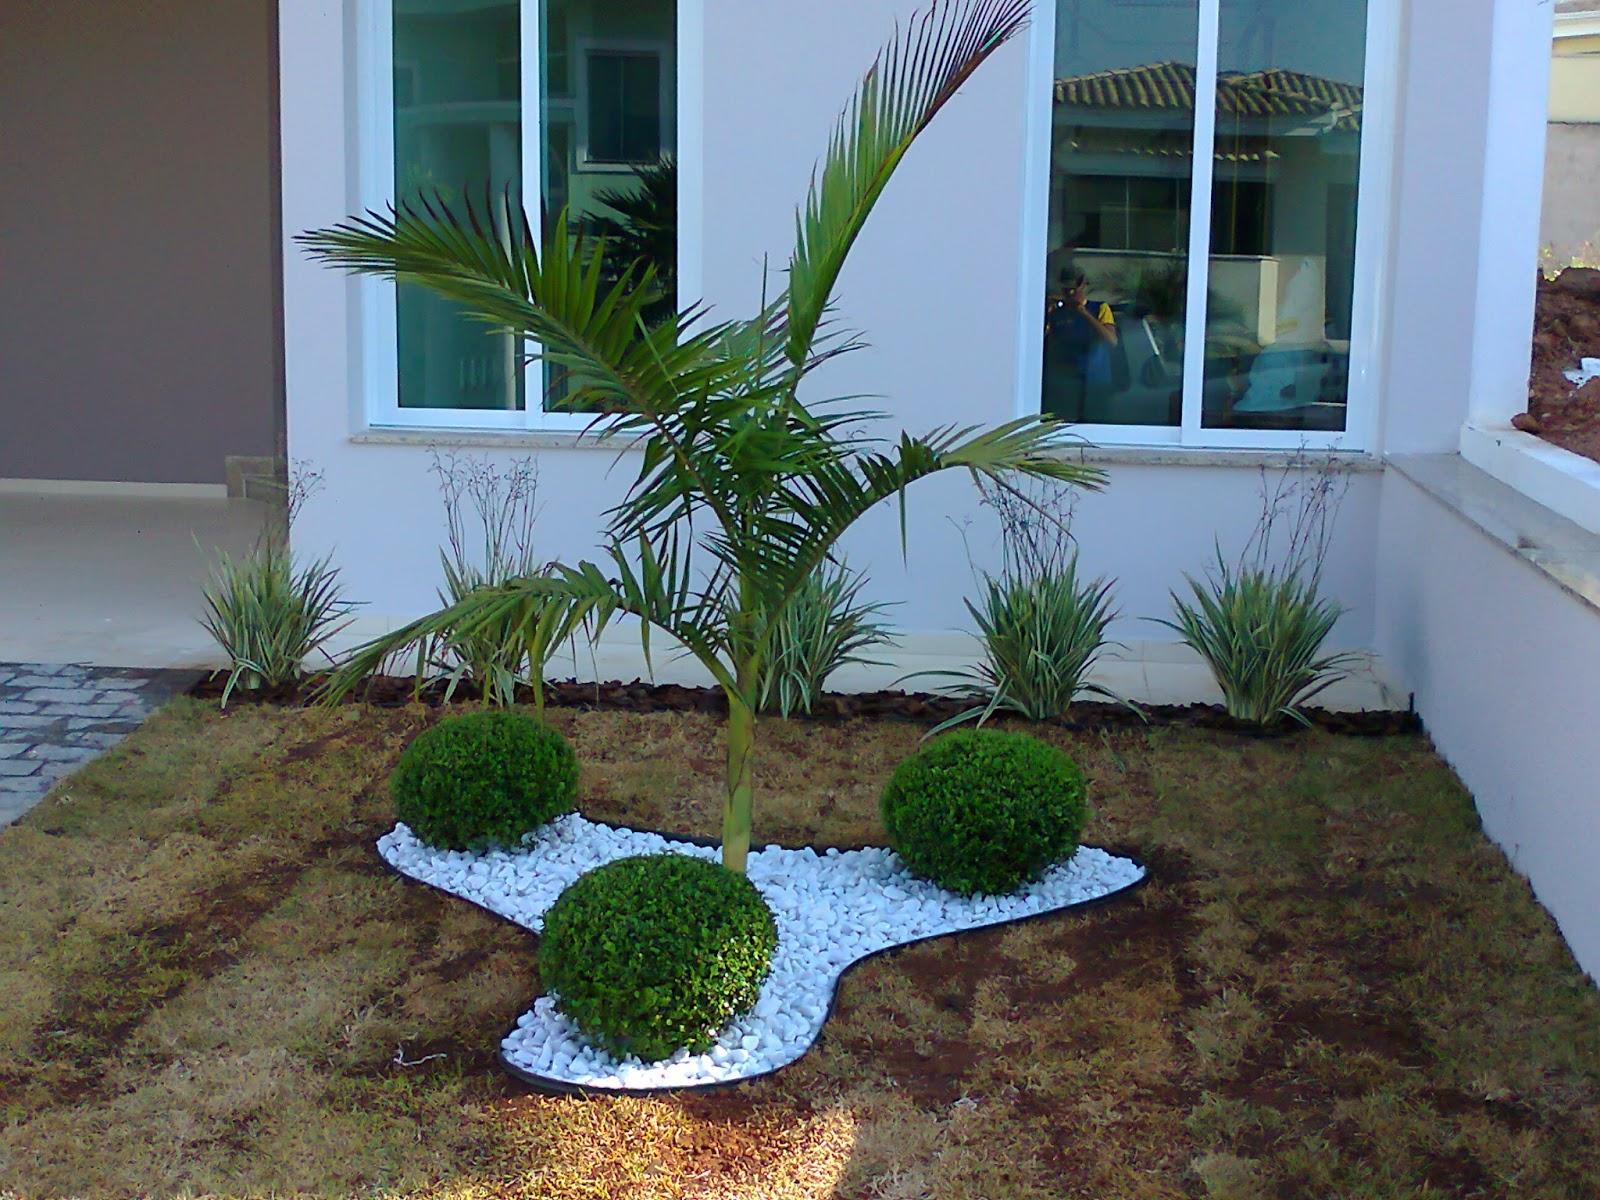 pedras para jardim em sorocaba : pedras para jardim em sorocaba:Em Sorocaba/SP